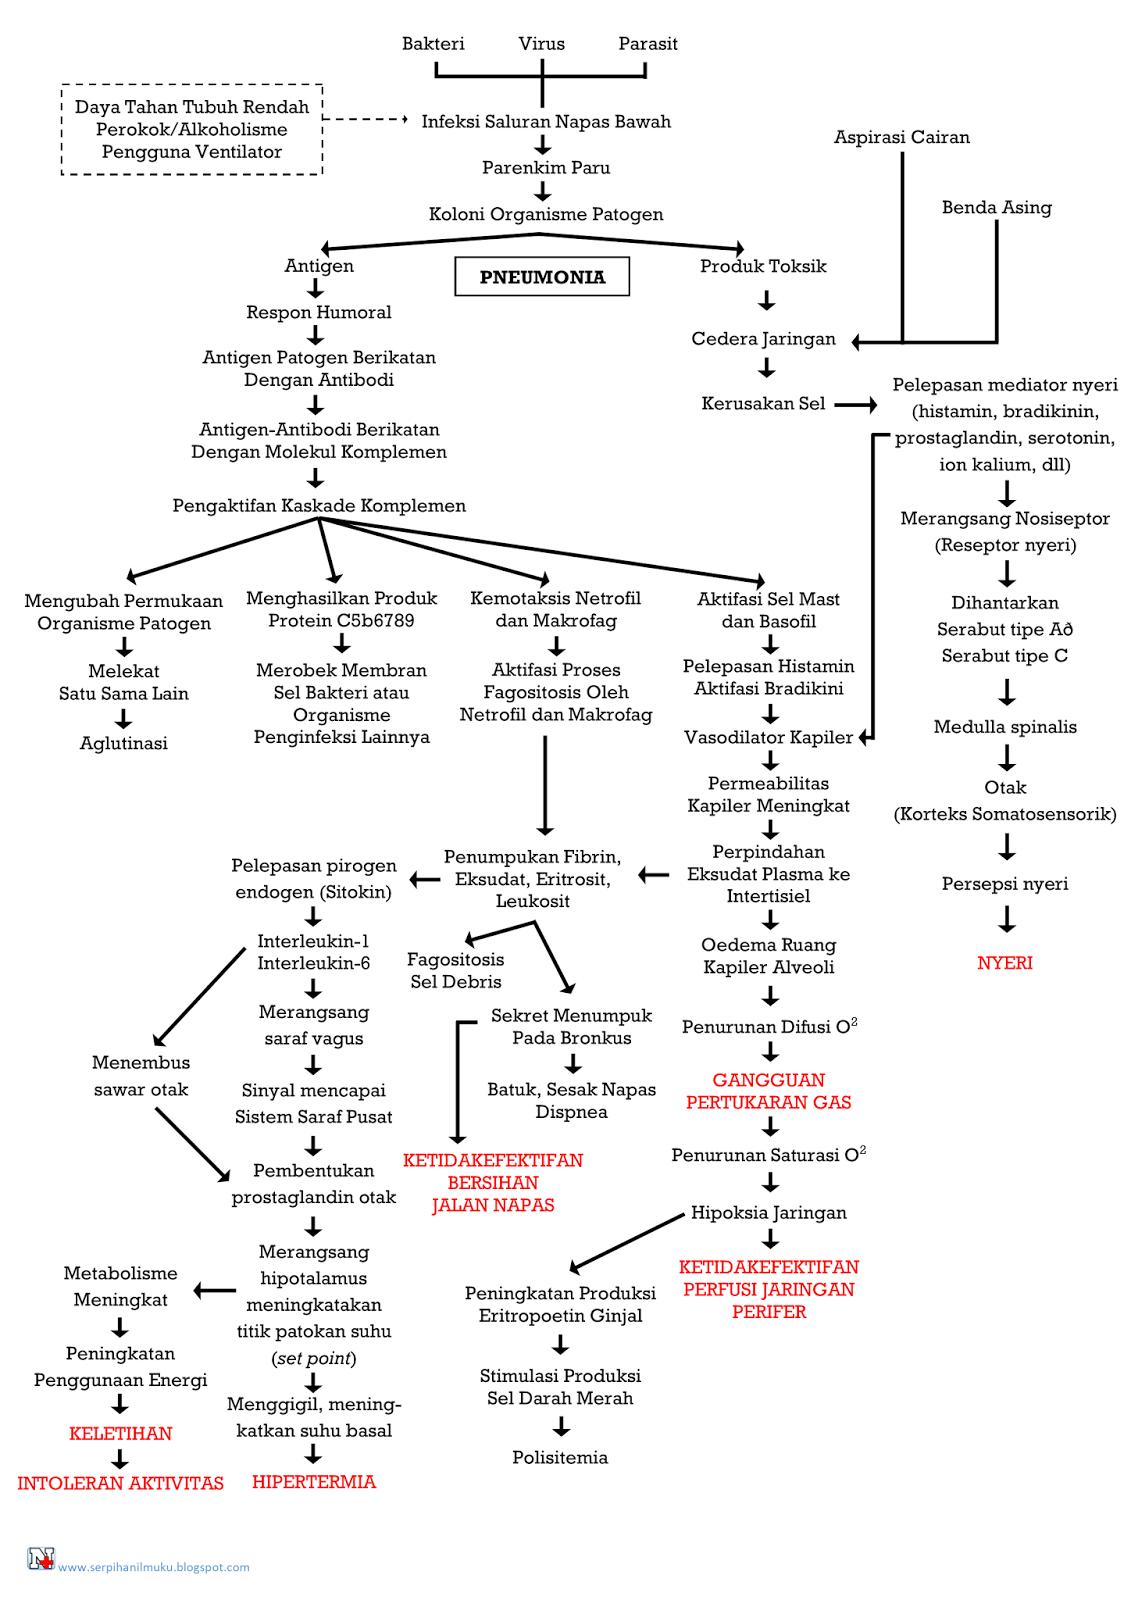 Perjalanan Penyakit Pneumonia Hingga Diagnosis Keperawatan